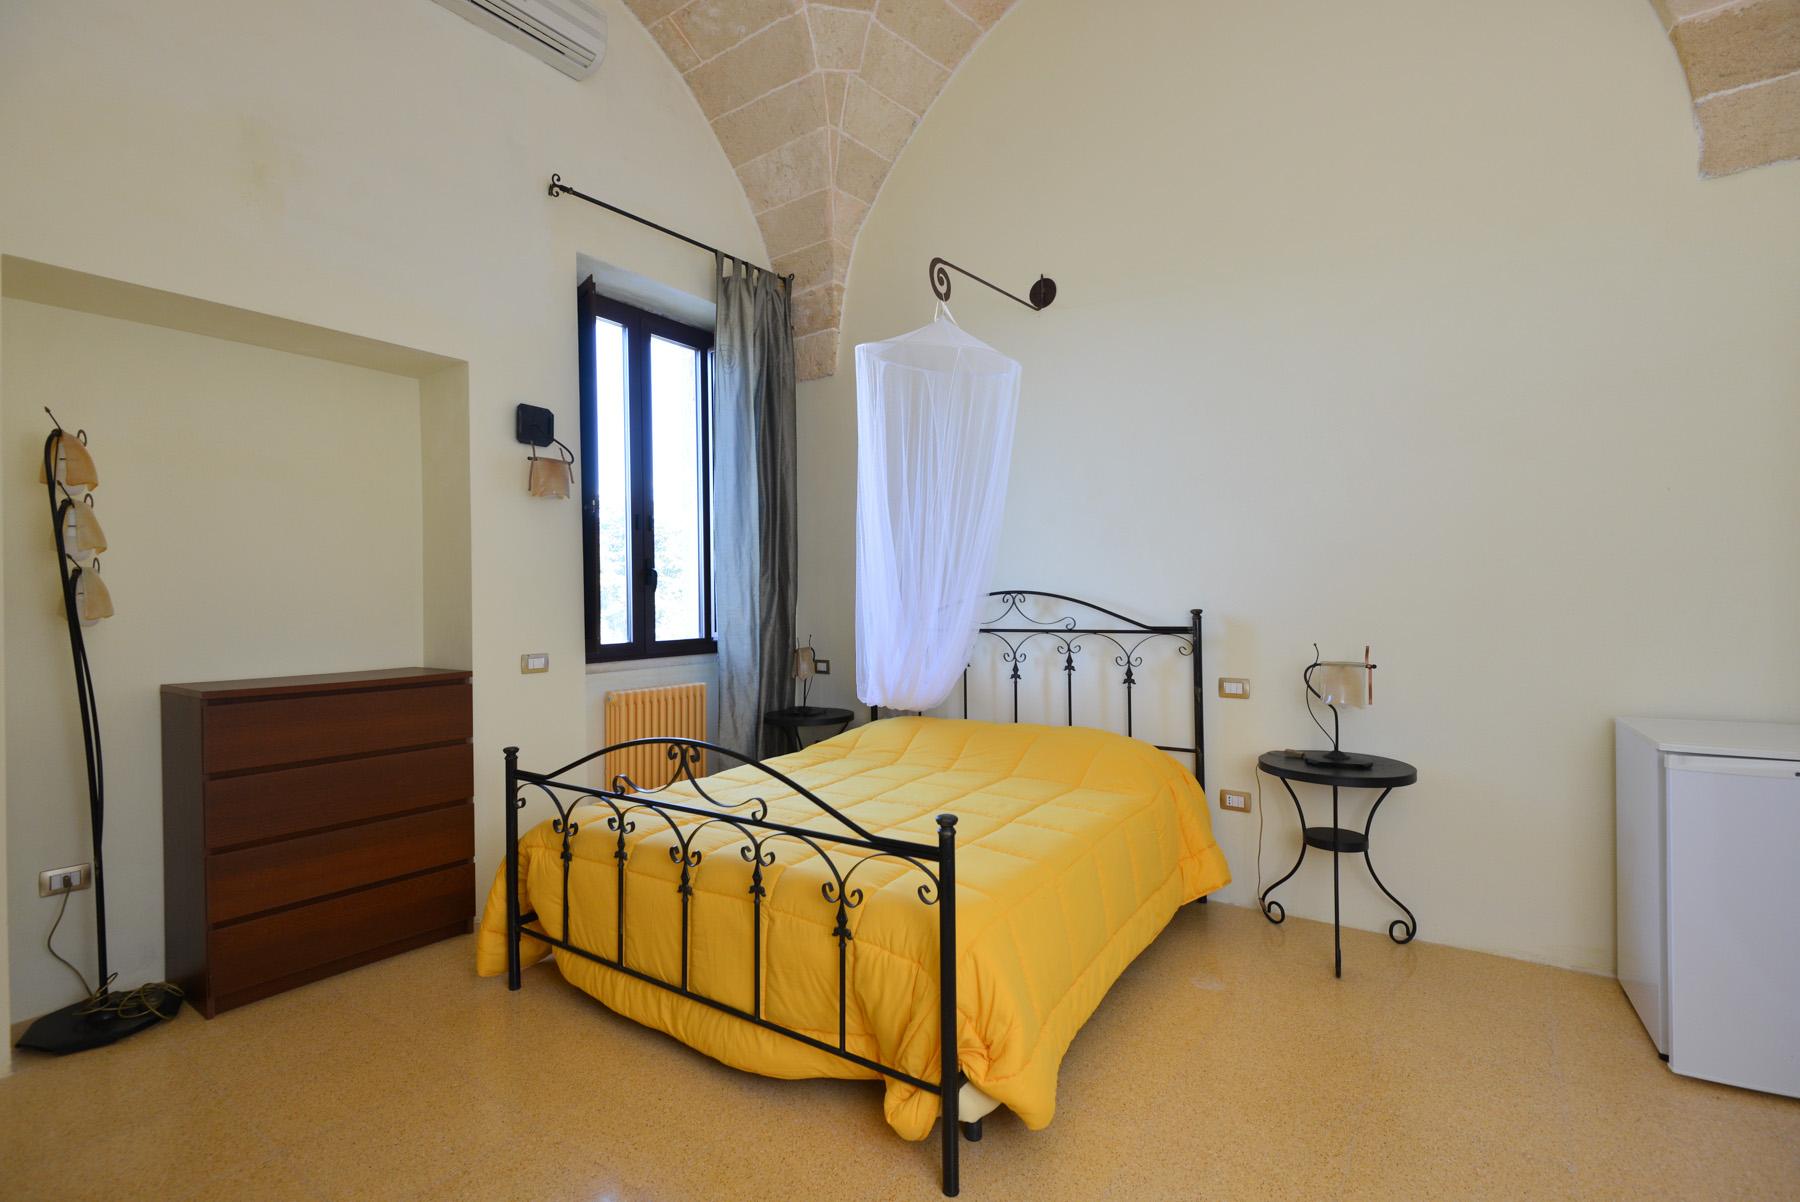 Cbi069 541 le056 villa singola in vendita a nard for Non solo salotti luxury